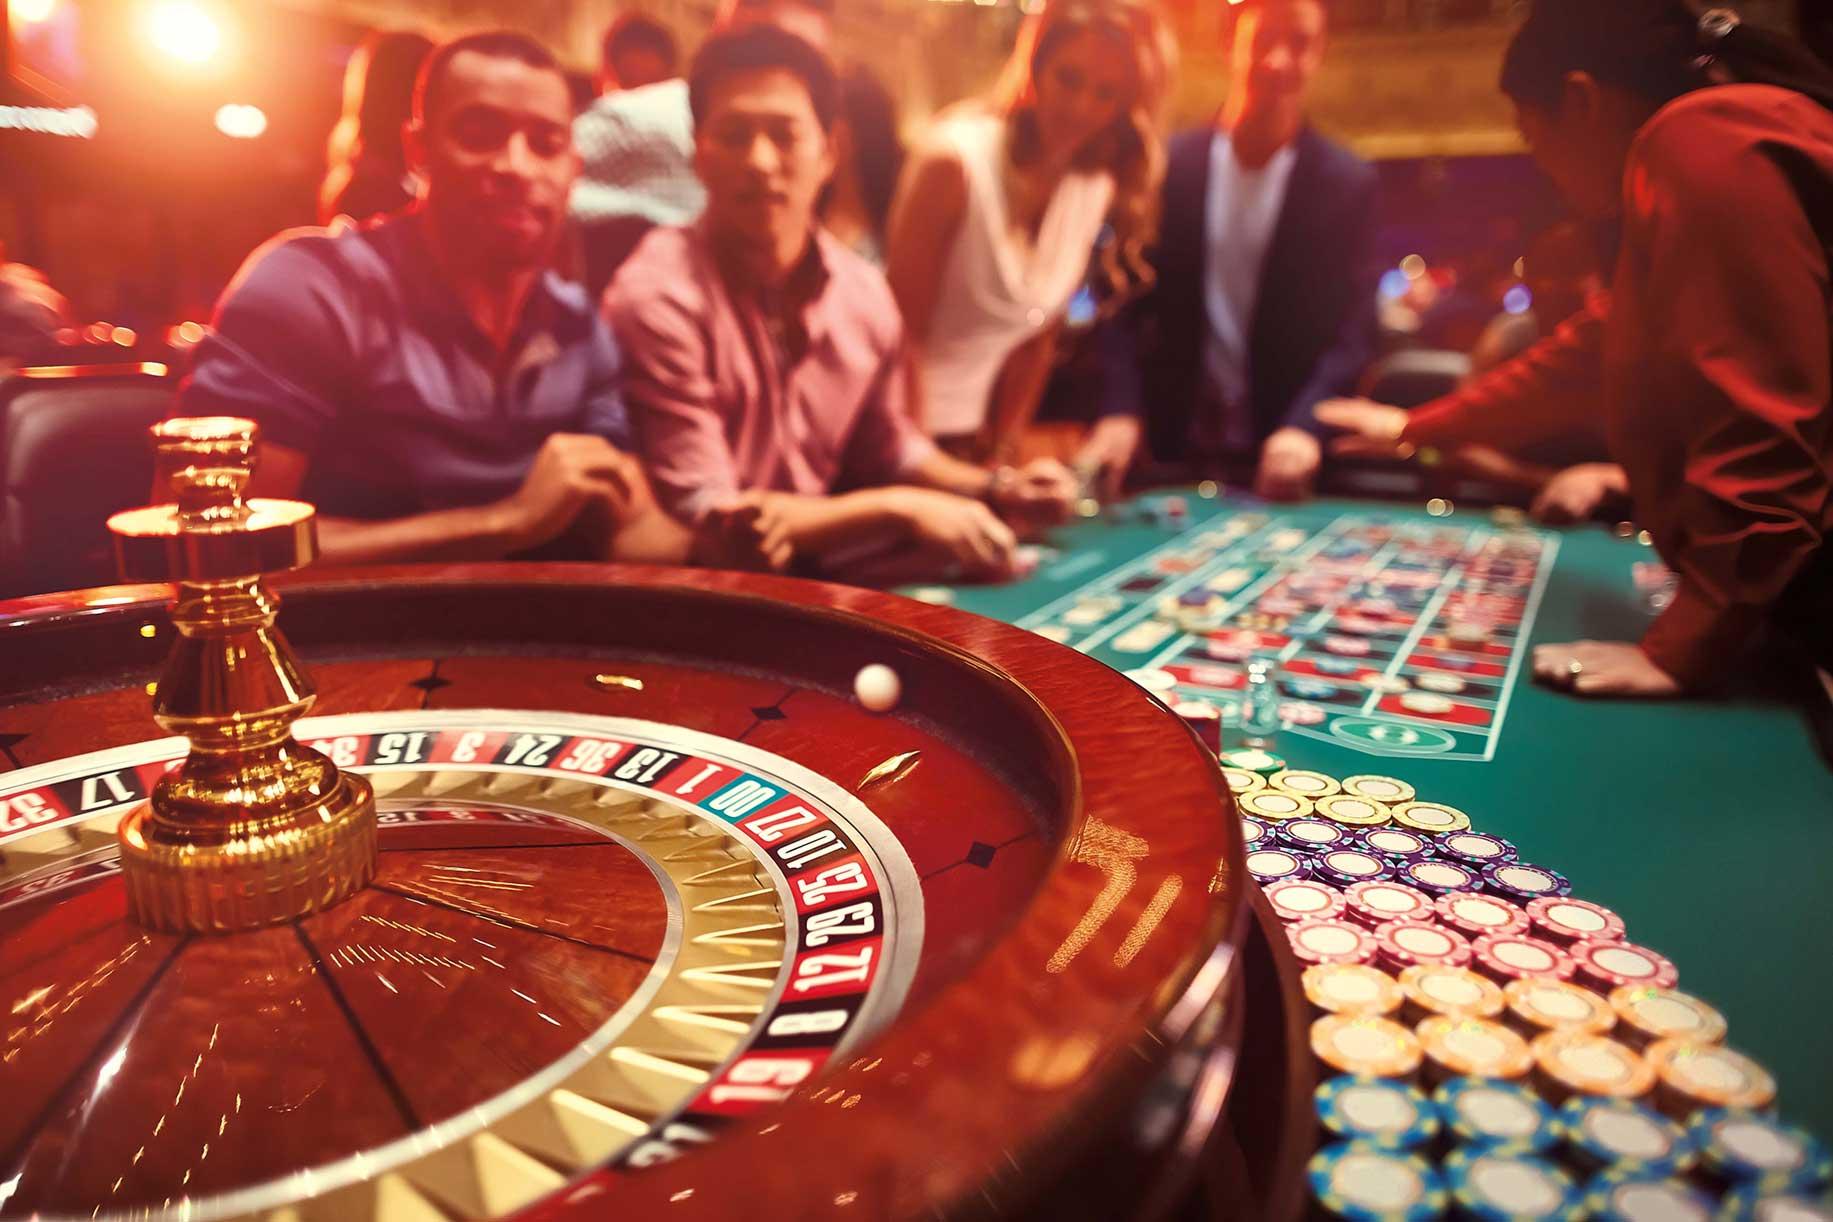 Taking Advantage in Poker Online Games